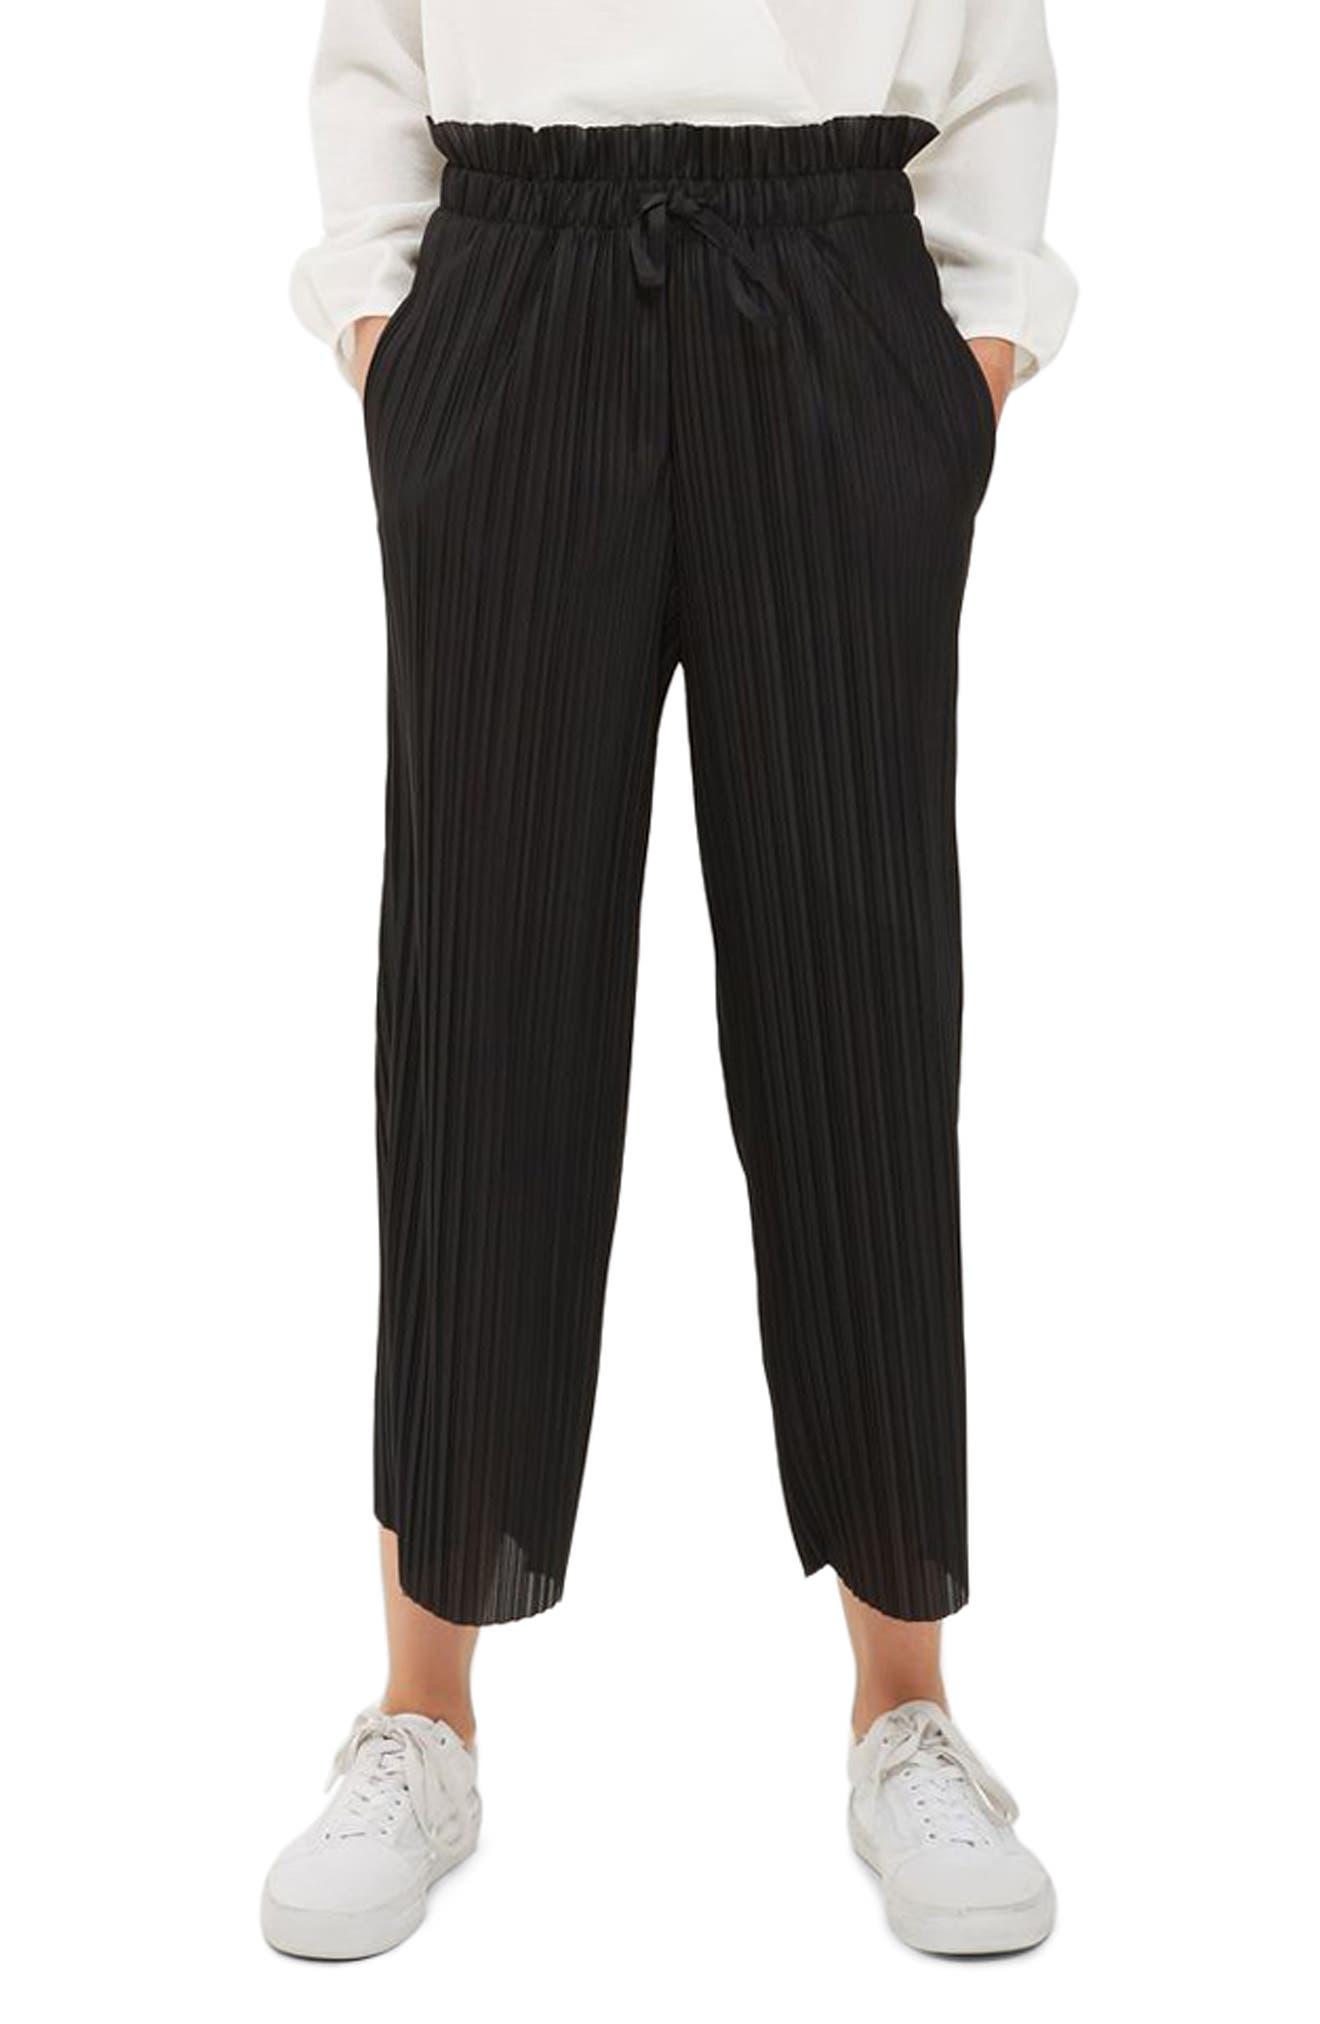 Topshop Frill Waist Plissé Crop Trousers